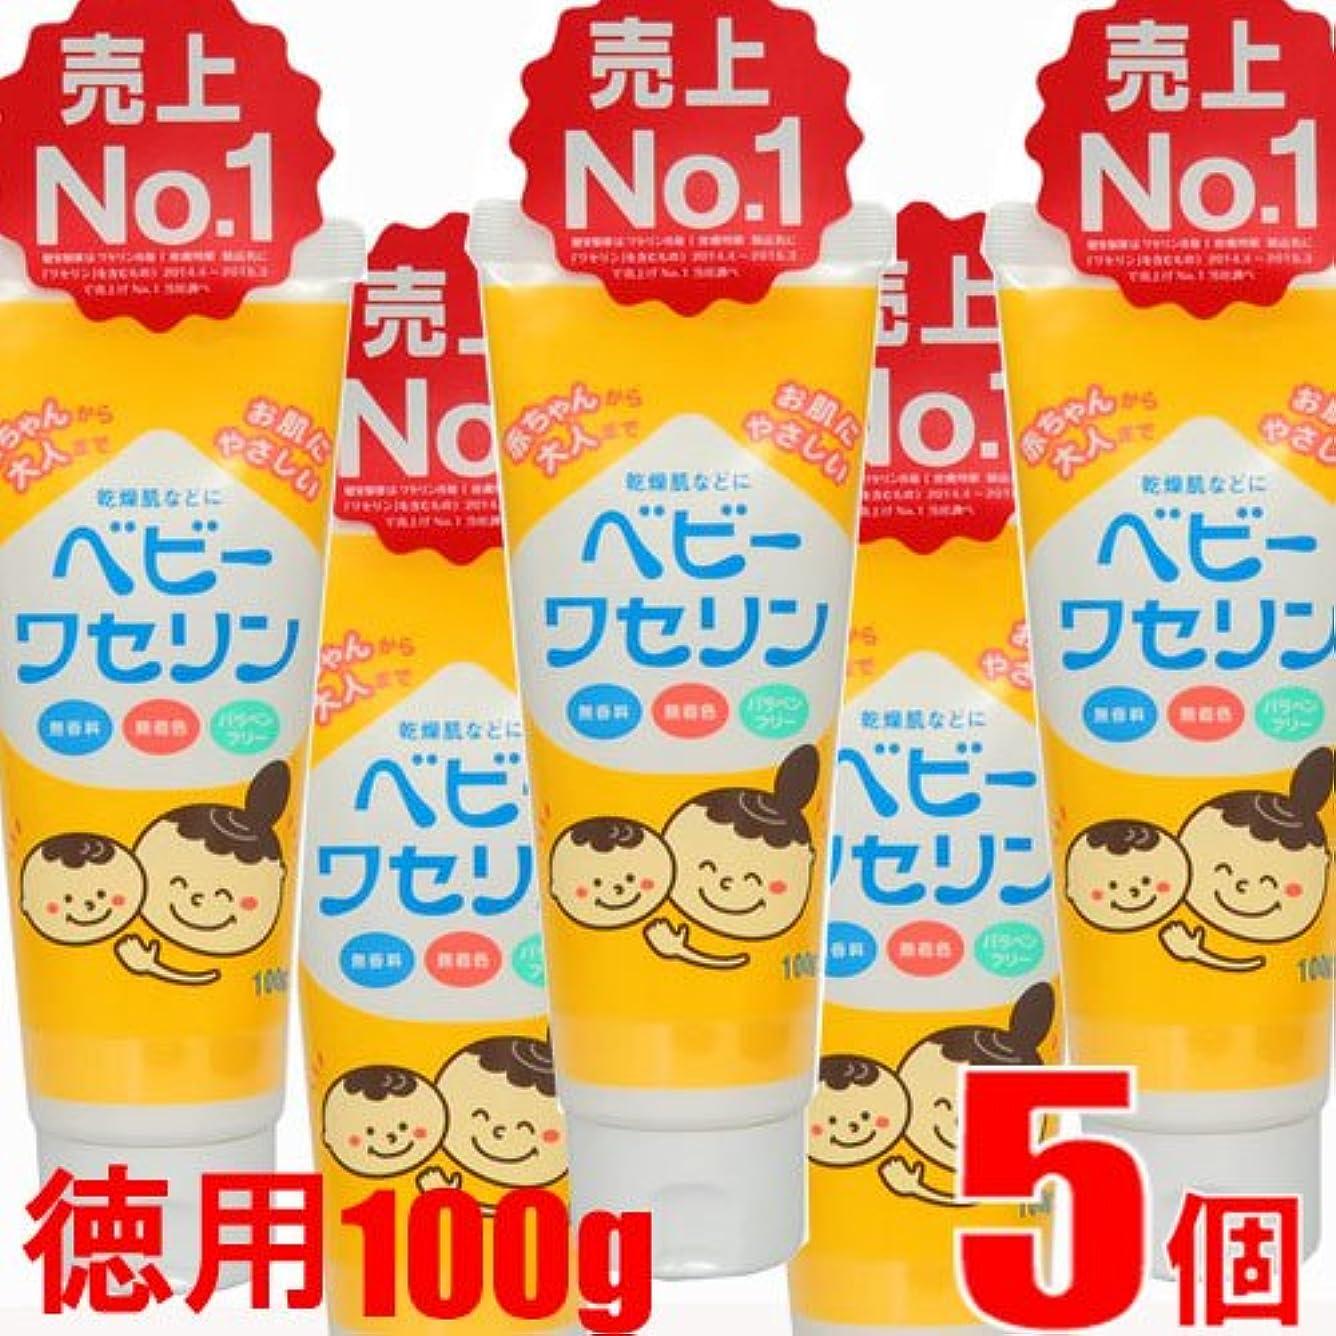 畝間契約付属品【5本】ベビーワセリン 100g x5本 (4987286414263-5)